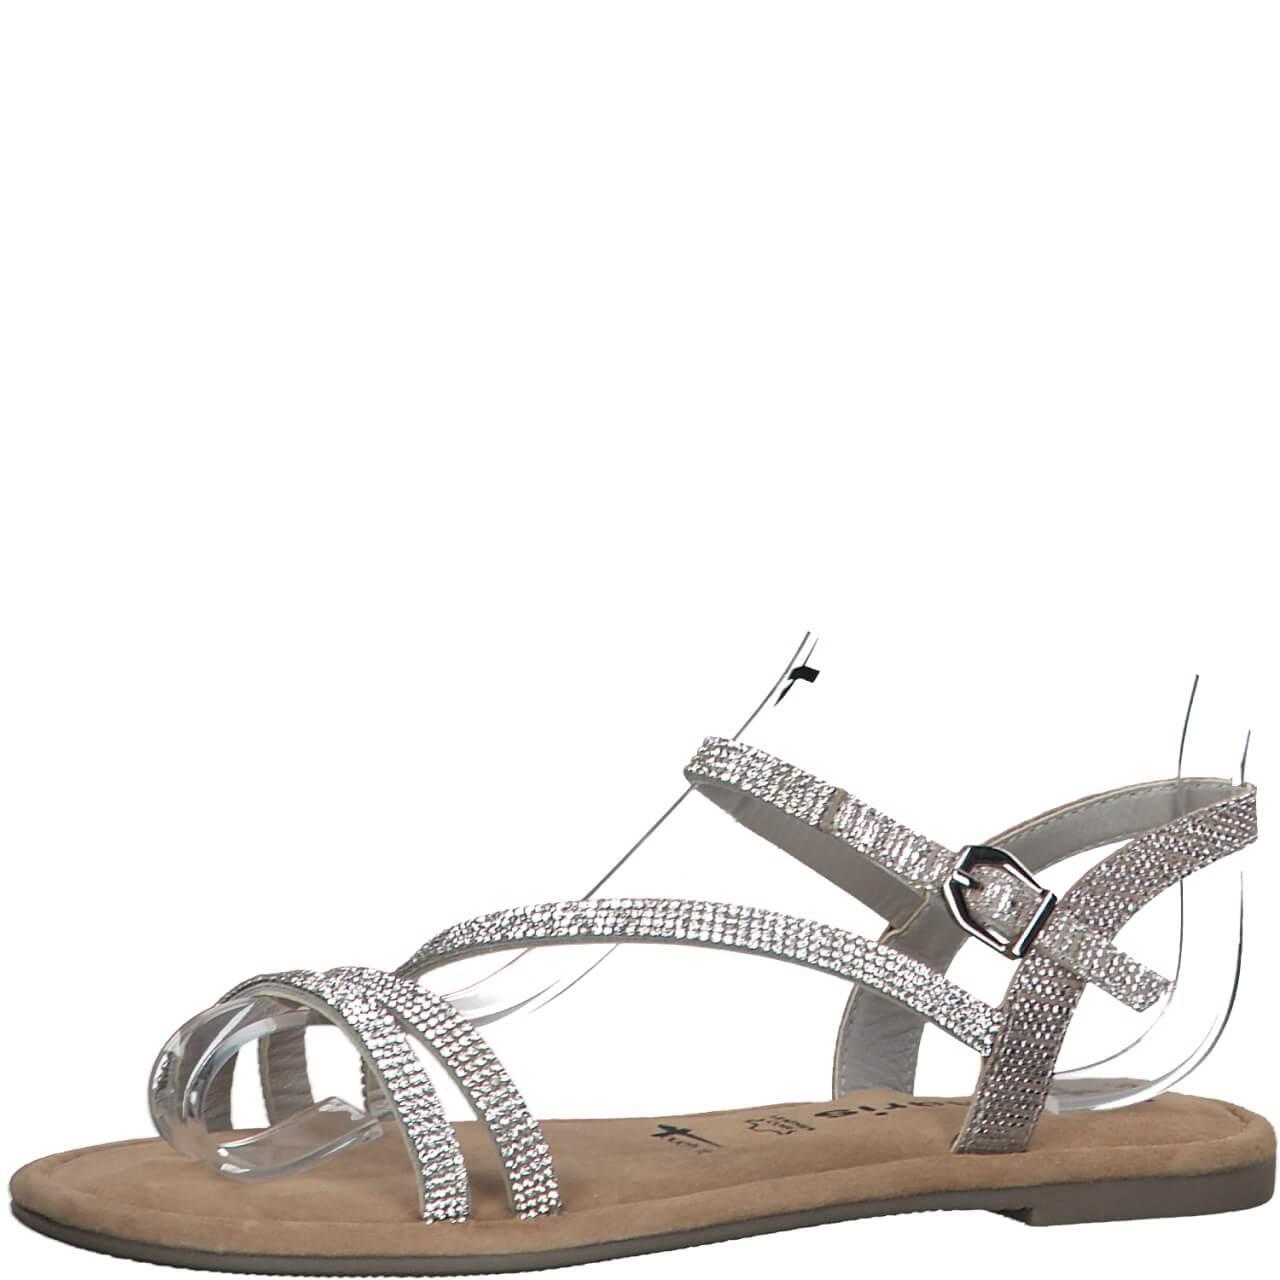 suilver sandals